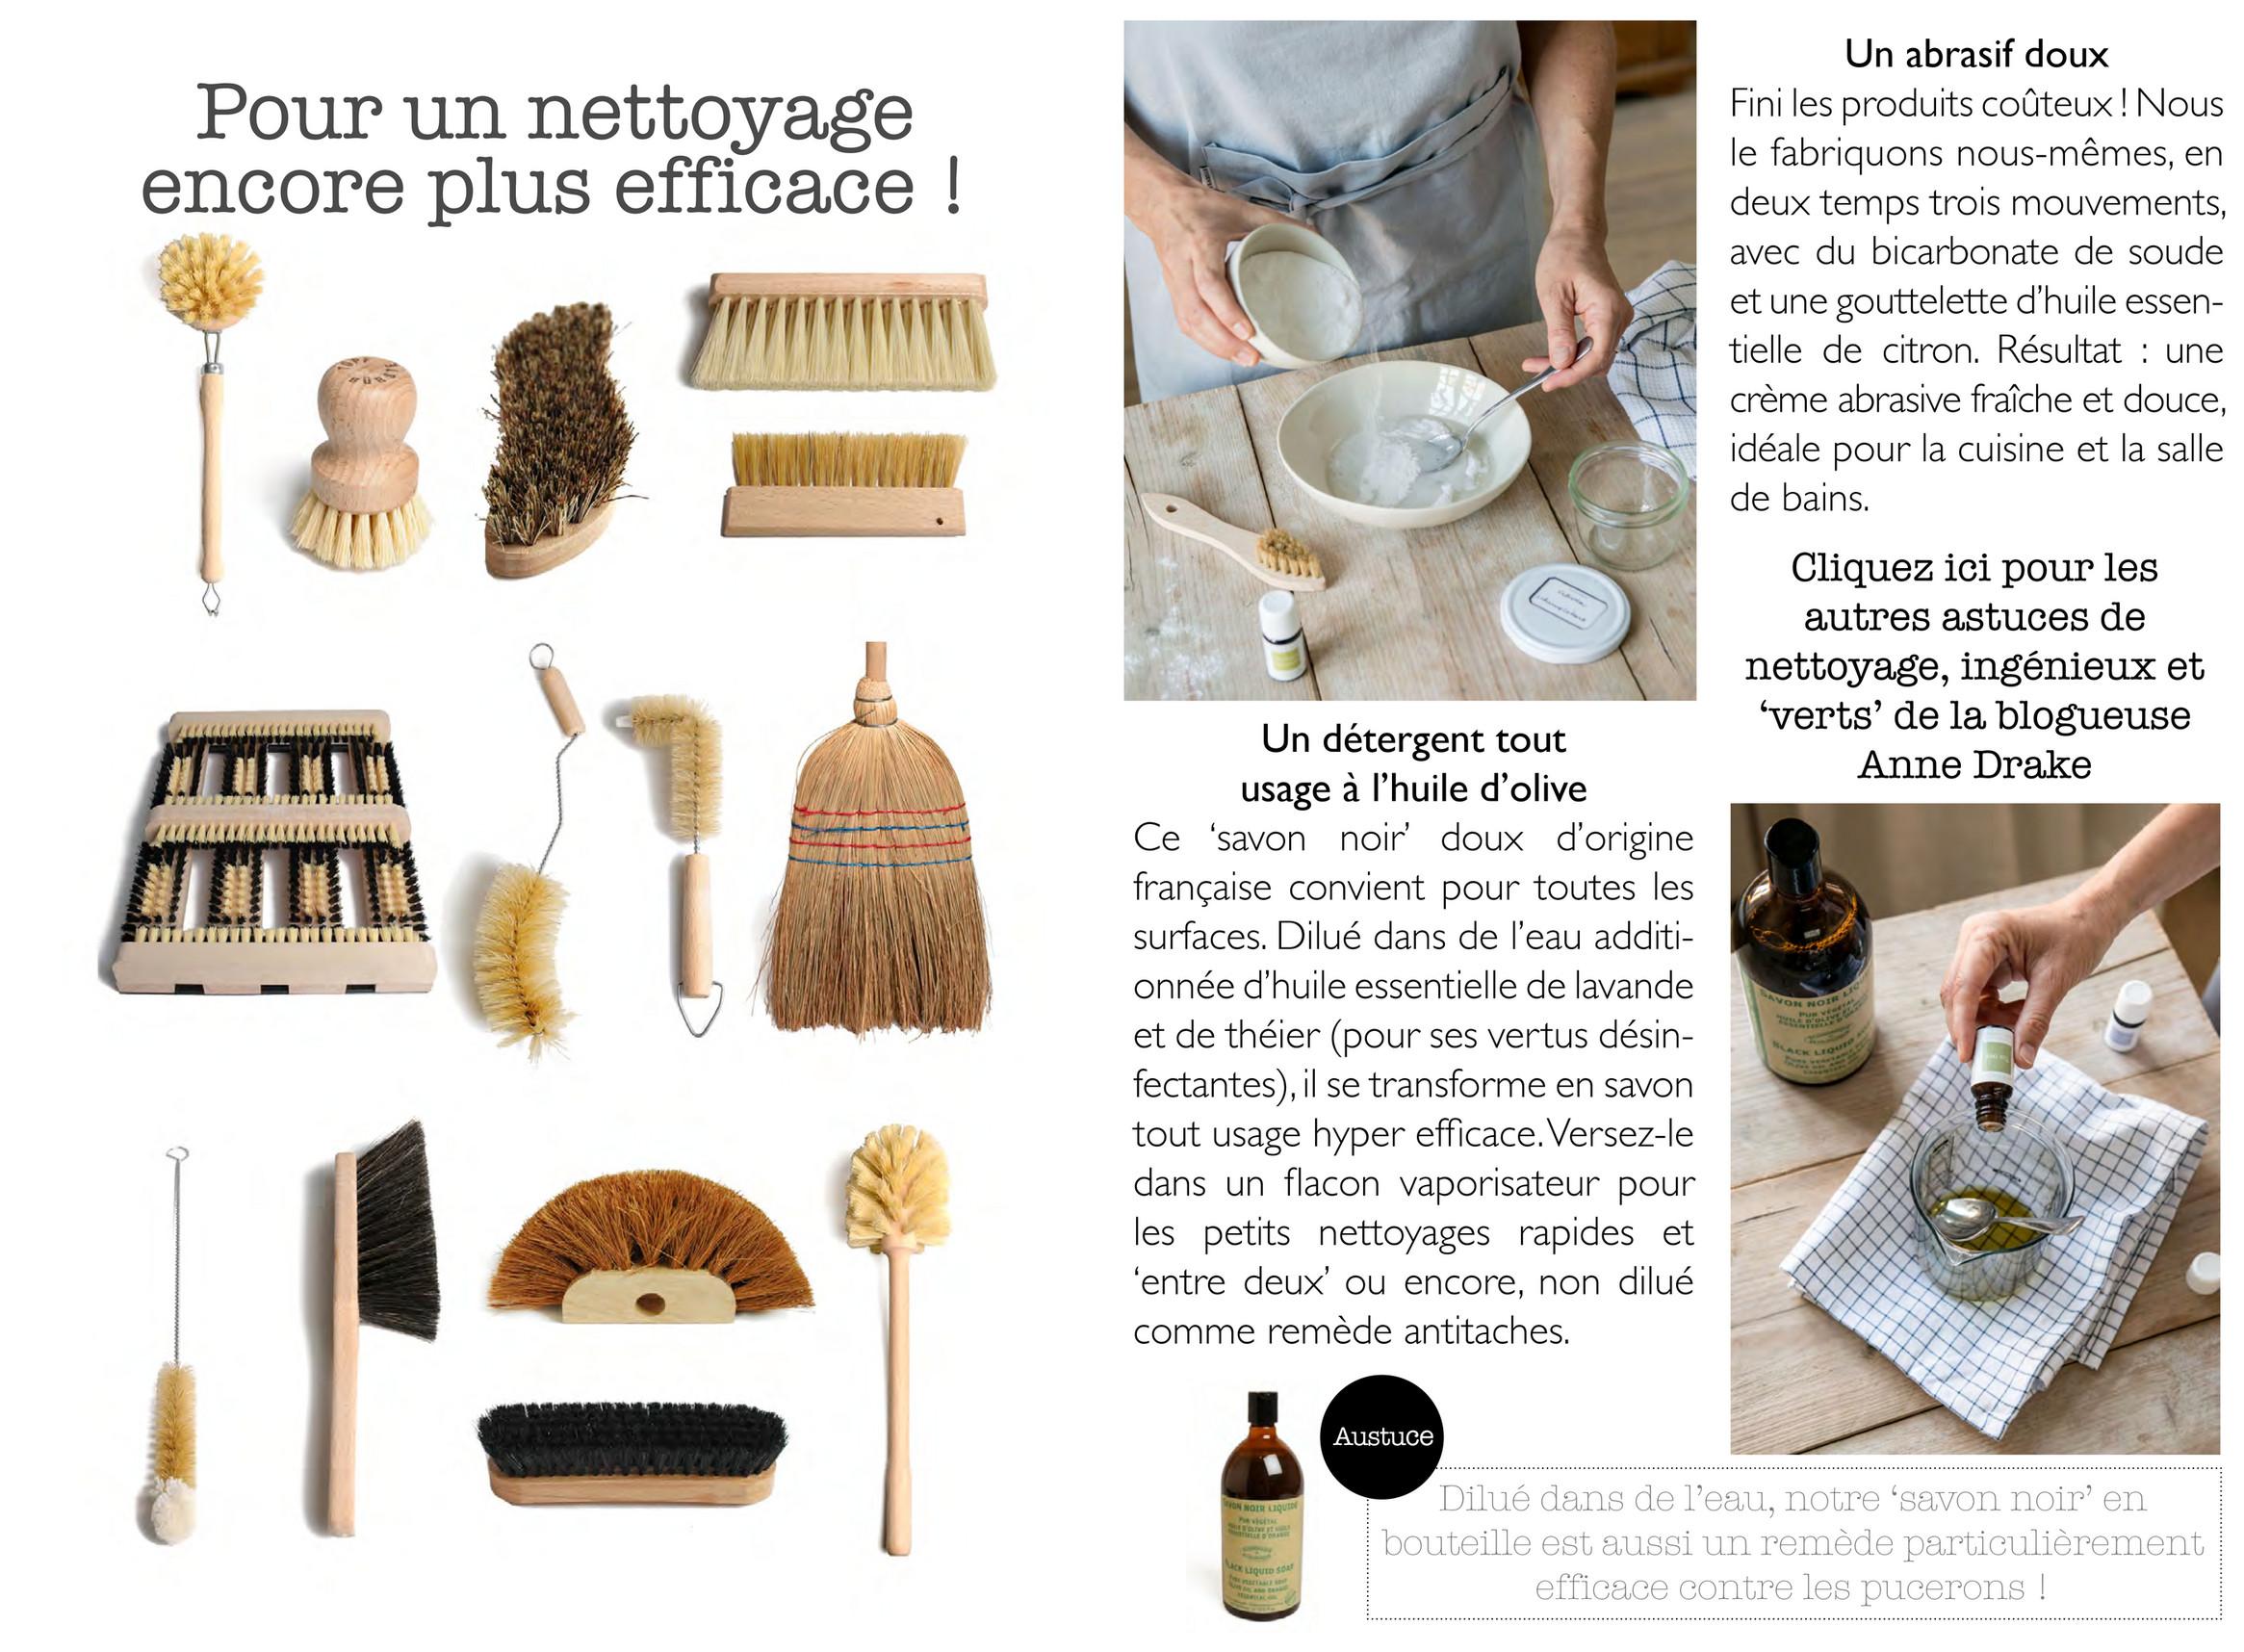 Bicarbonate De Soude Contre Les Pucerons dille & kamille - une fraicheur printanière pour toute la